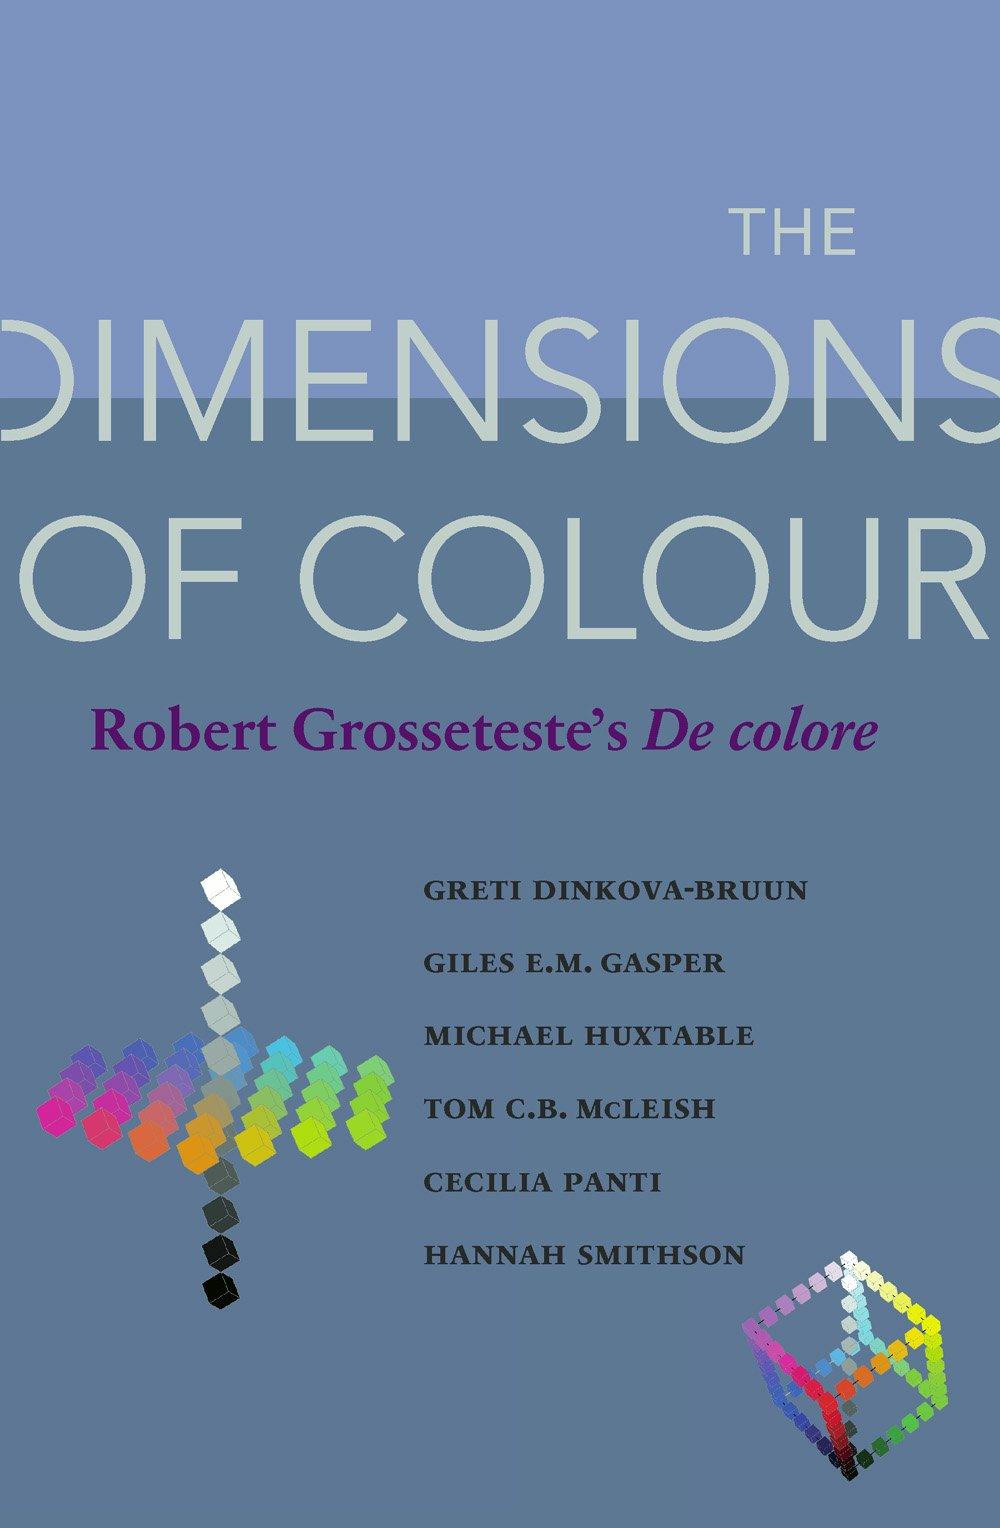 Download The Dimensions of Colour: Robert Grosseteste's De colore (Durham Medieval and Renaissance Texts) PDF